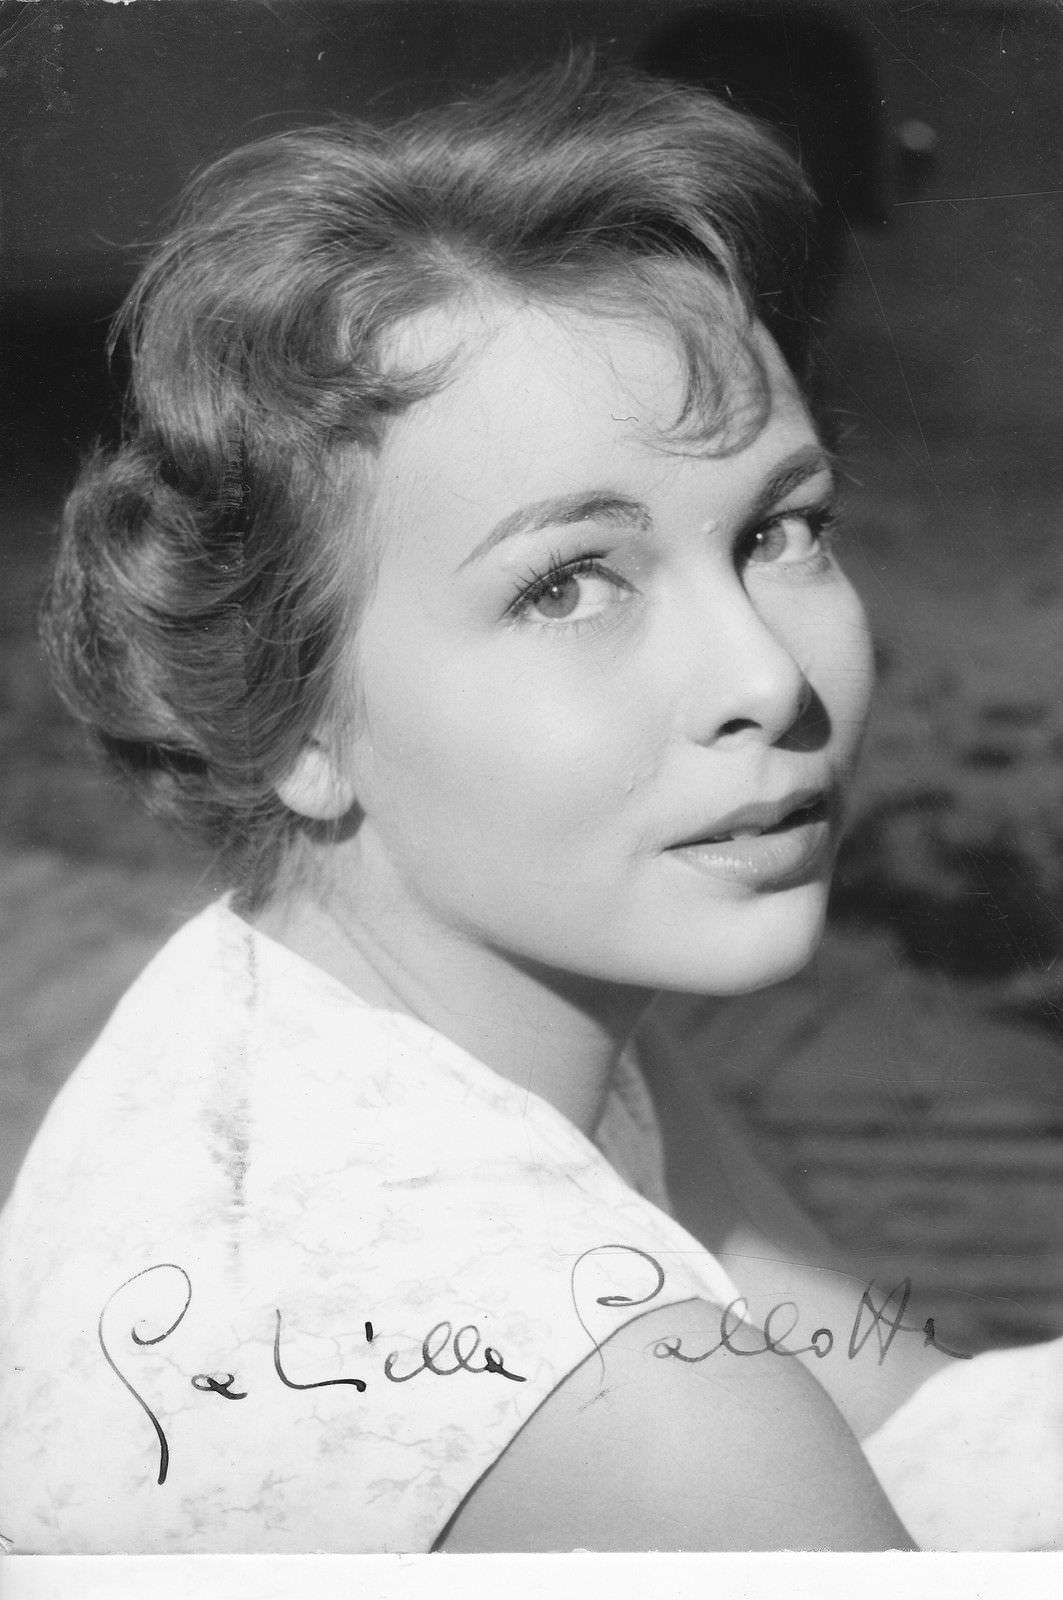 Margie Reiger